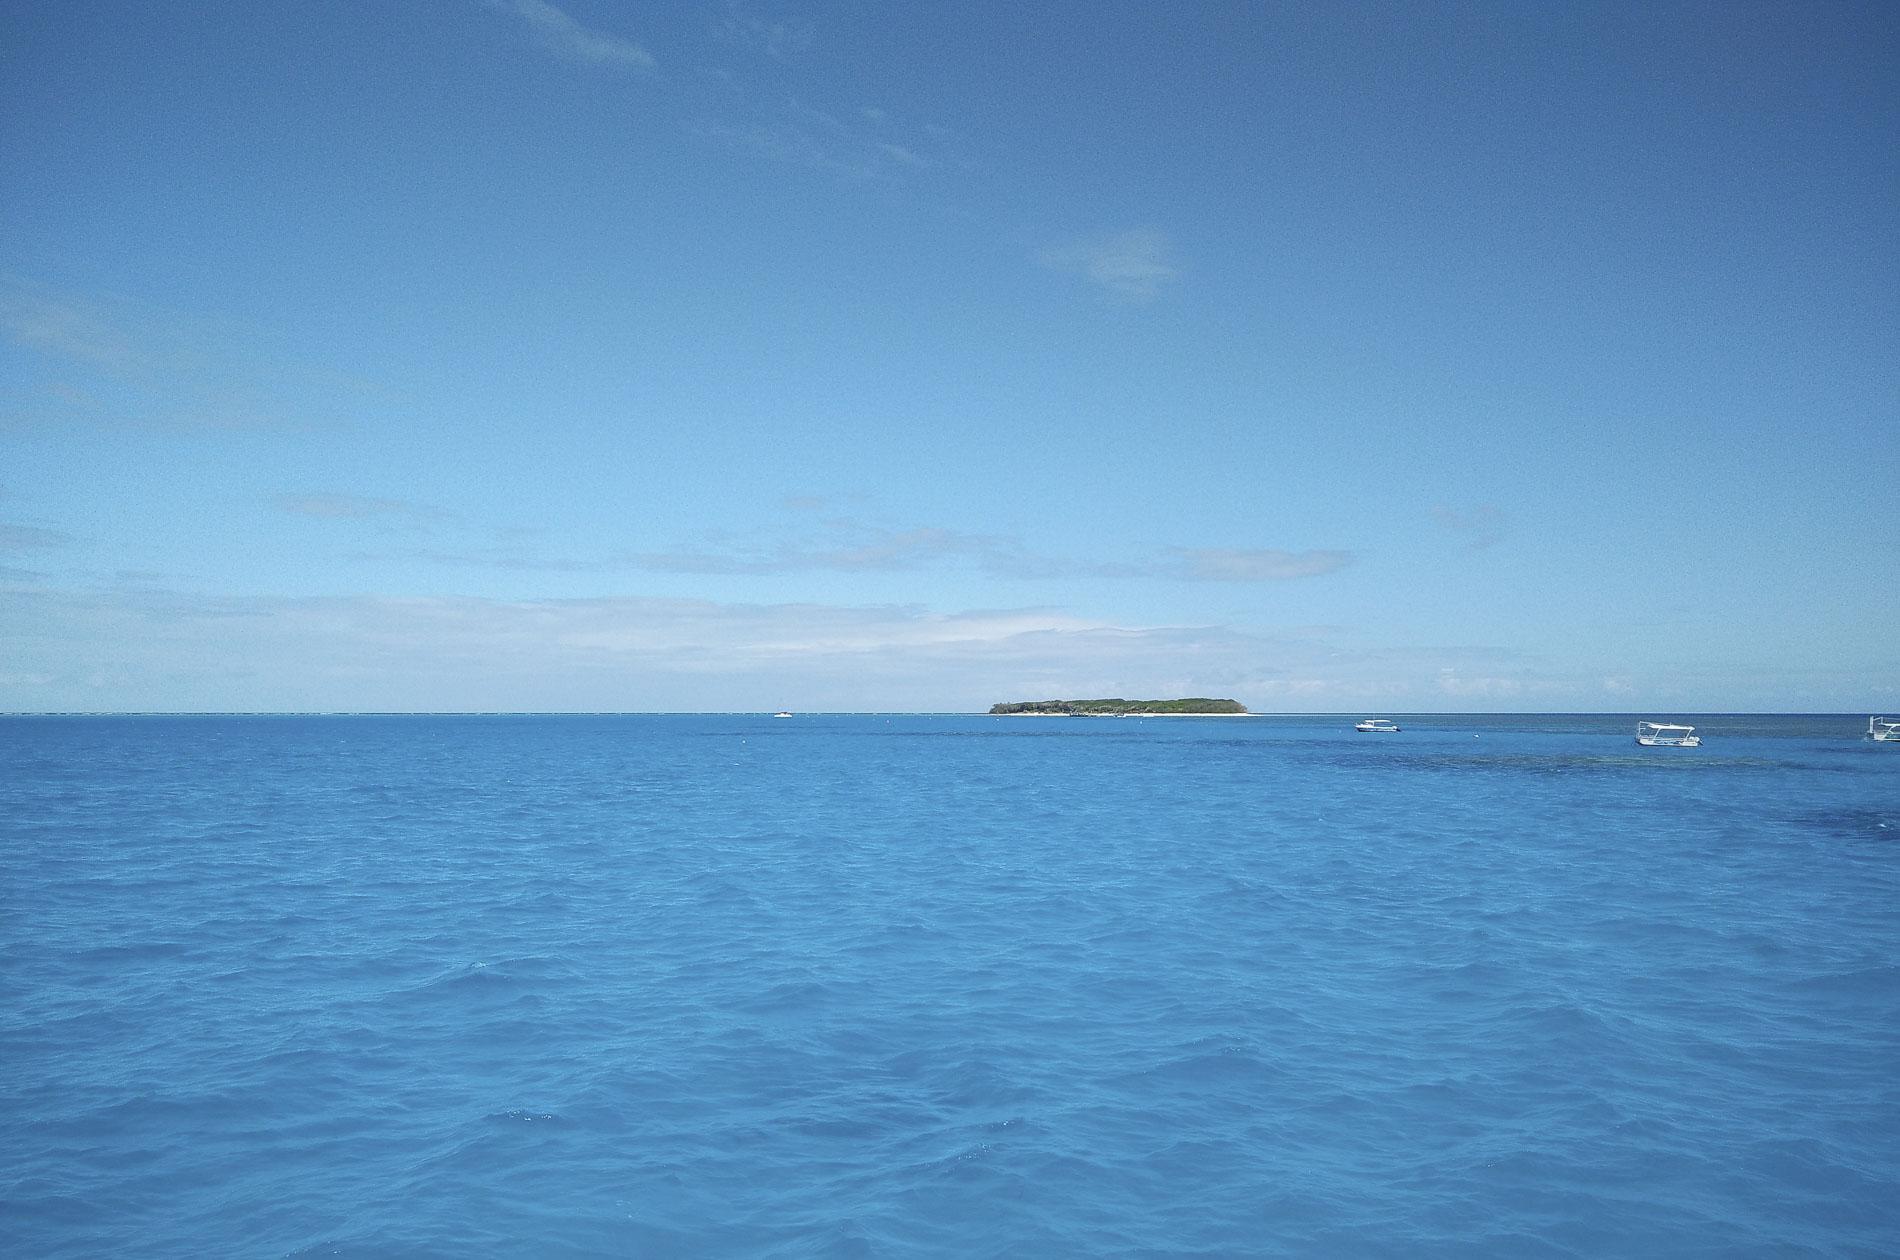 île de lady musgrave